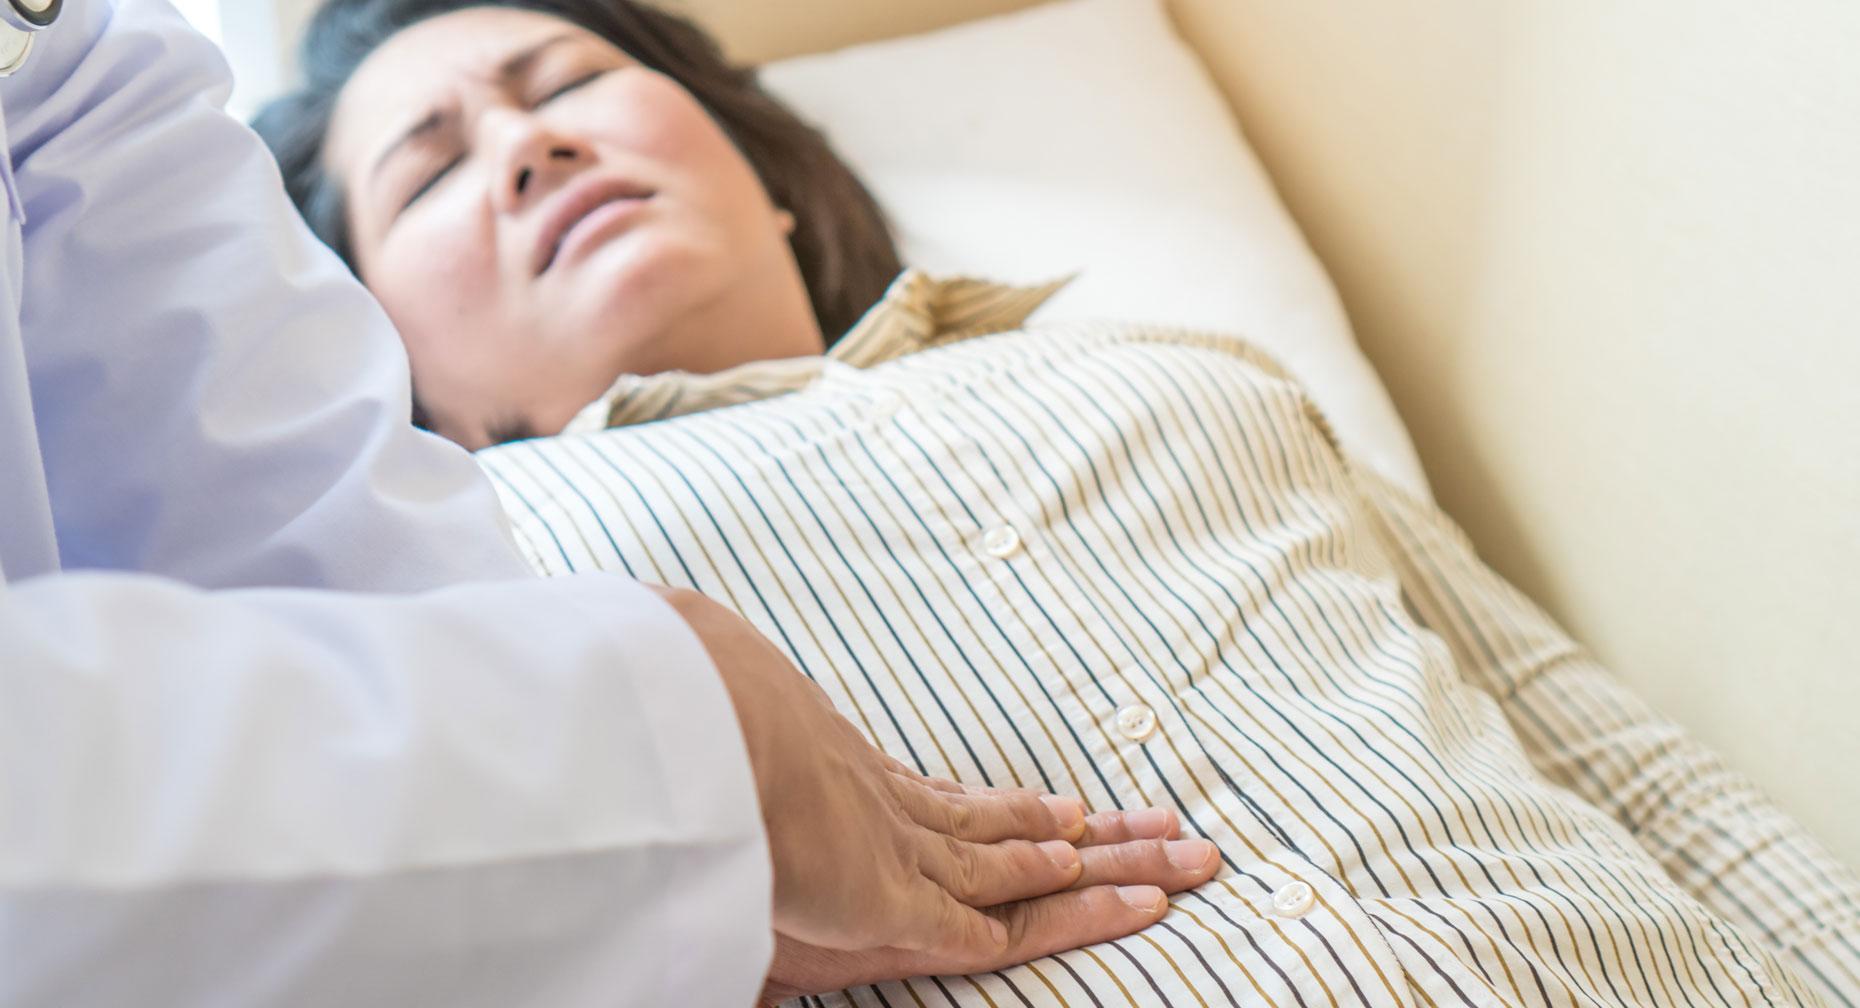 التهاب الزائدة الدودية يمكن ان يصبح قاتلا في حالة عدم علاجة